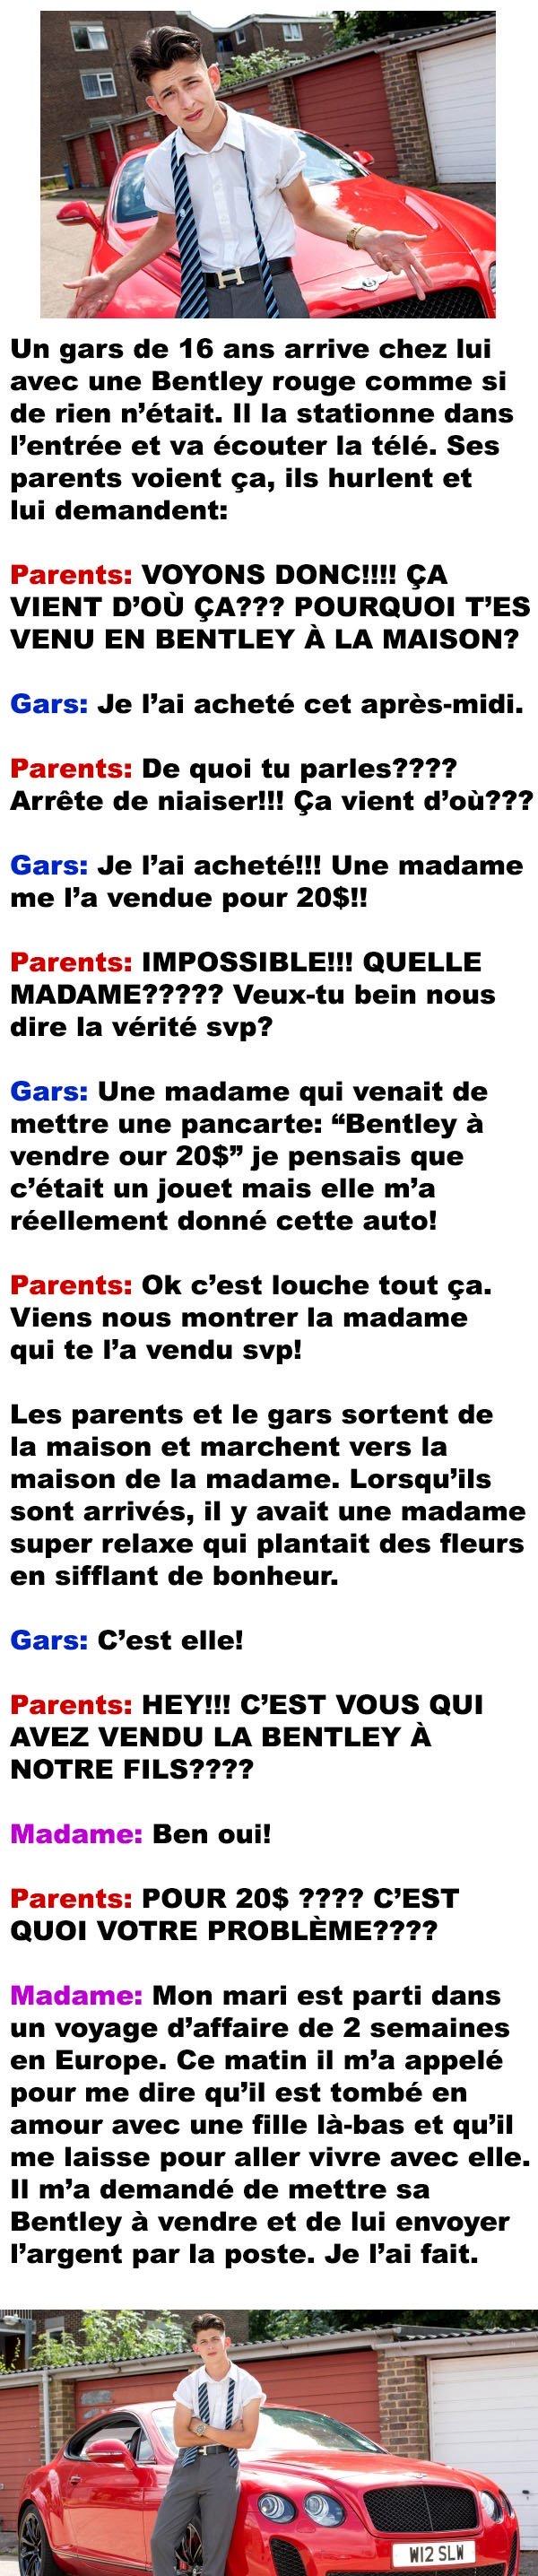 Les Petites Blagounettes bien Gentilles - Page 12 Img_2511